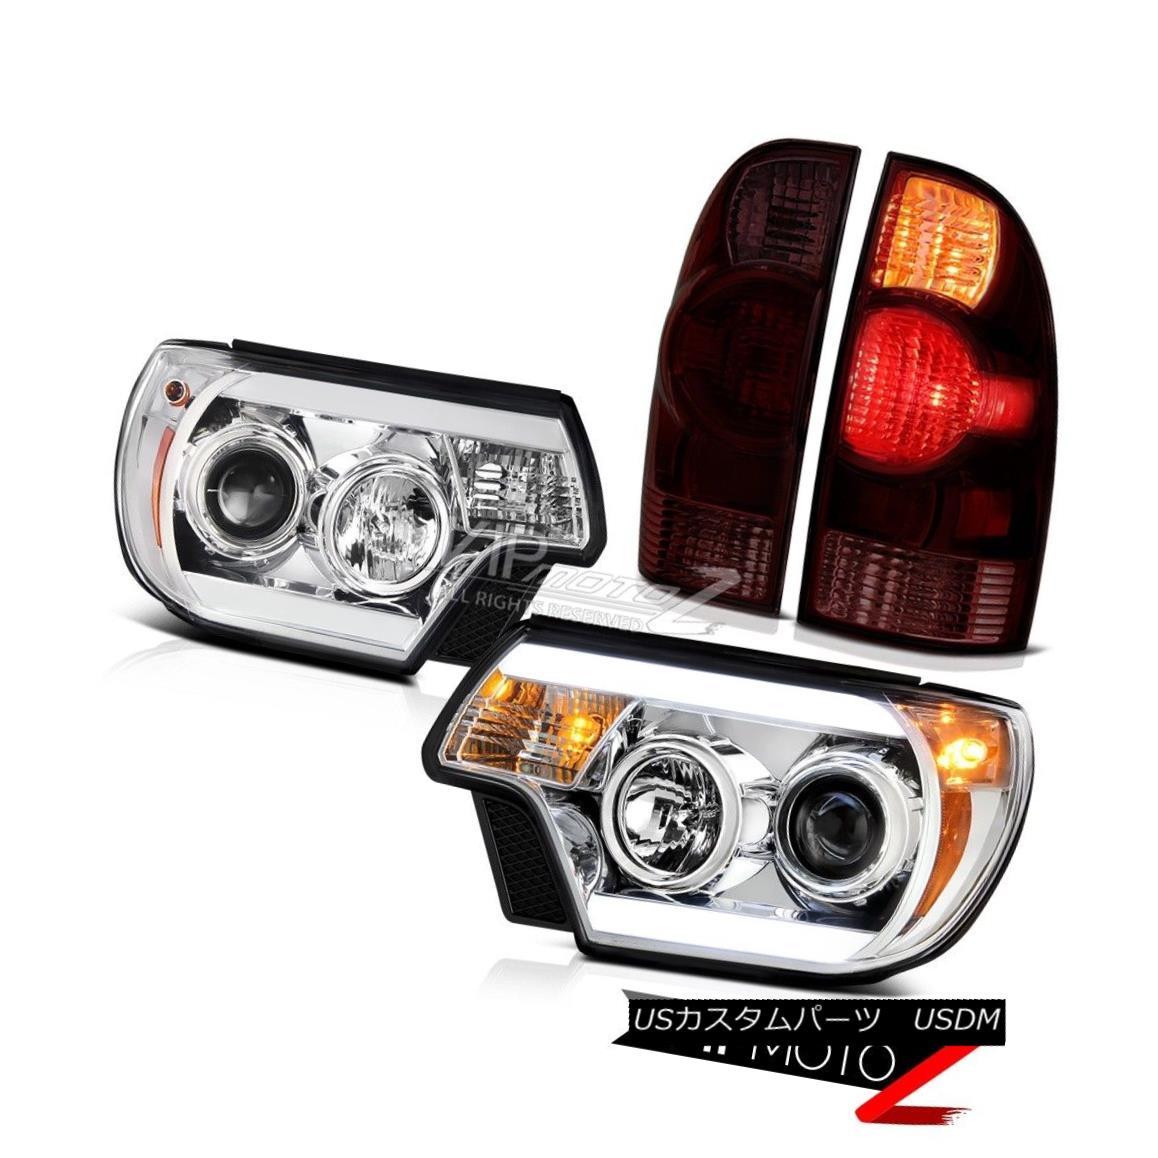 テールライト 12 13 14 15 Toyota Tacoma TRD Pro Headlamps smokey tail lamps Light Bar Newest 12 13 14 15トヨタタコマTRDプロヘッドランプスモーキーテールランプライトバー最新